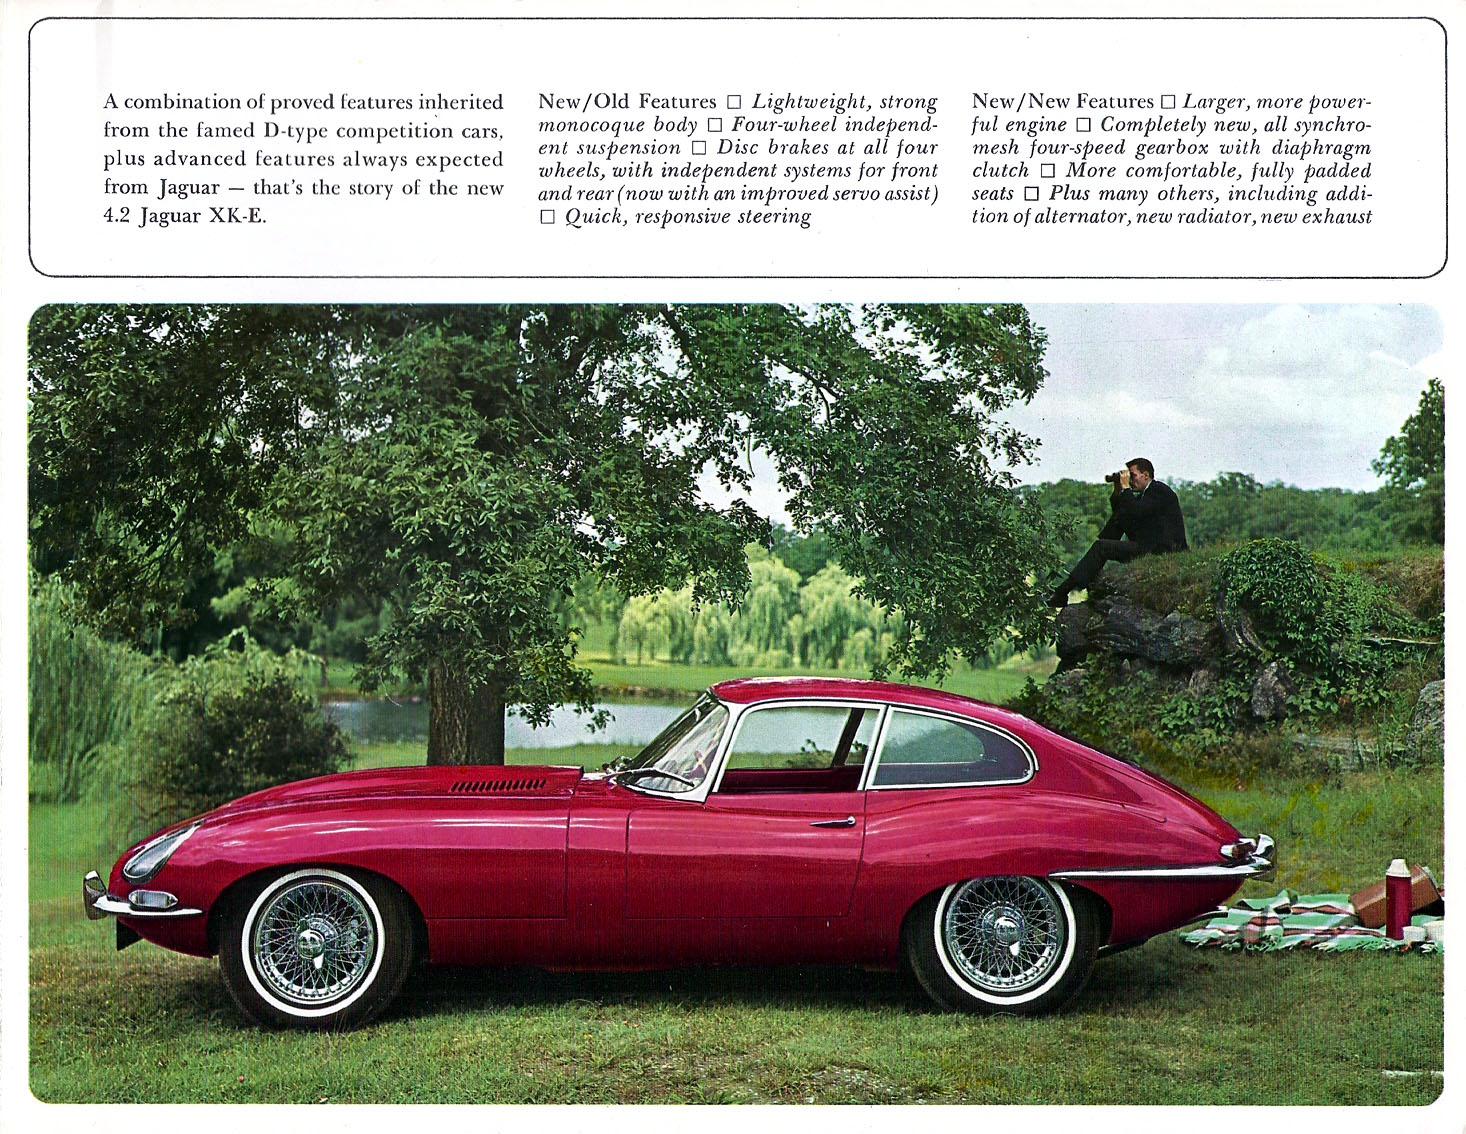 TunnelRam_1965_Jaguar_E Type.jpg